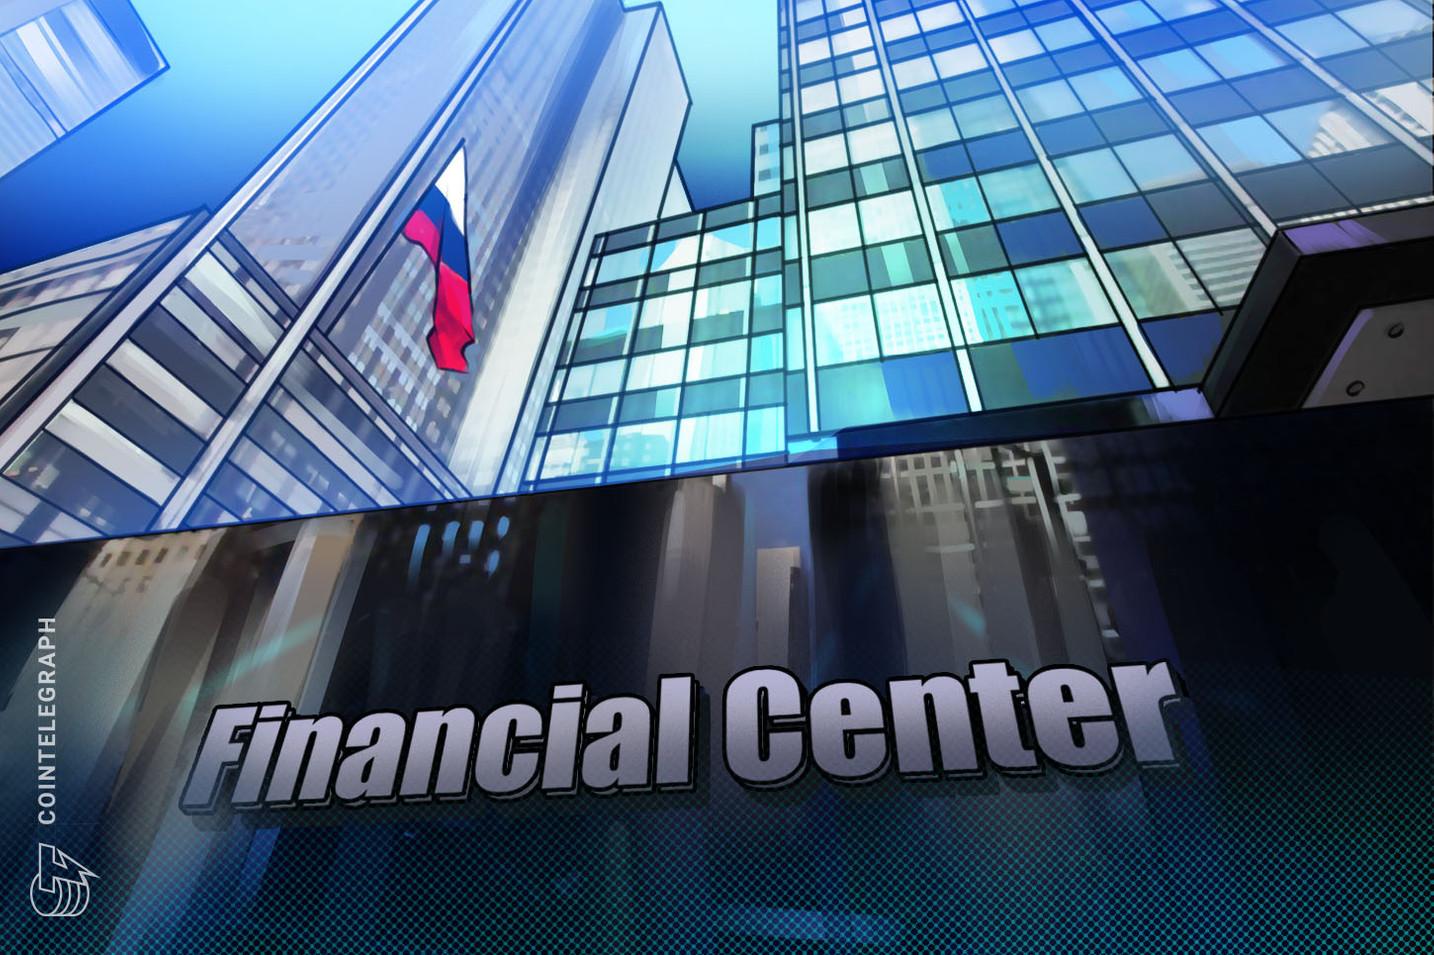 Rusija bi mogla da izgradi ofšor lokaciju za kriptovalute, berze i foreks